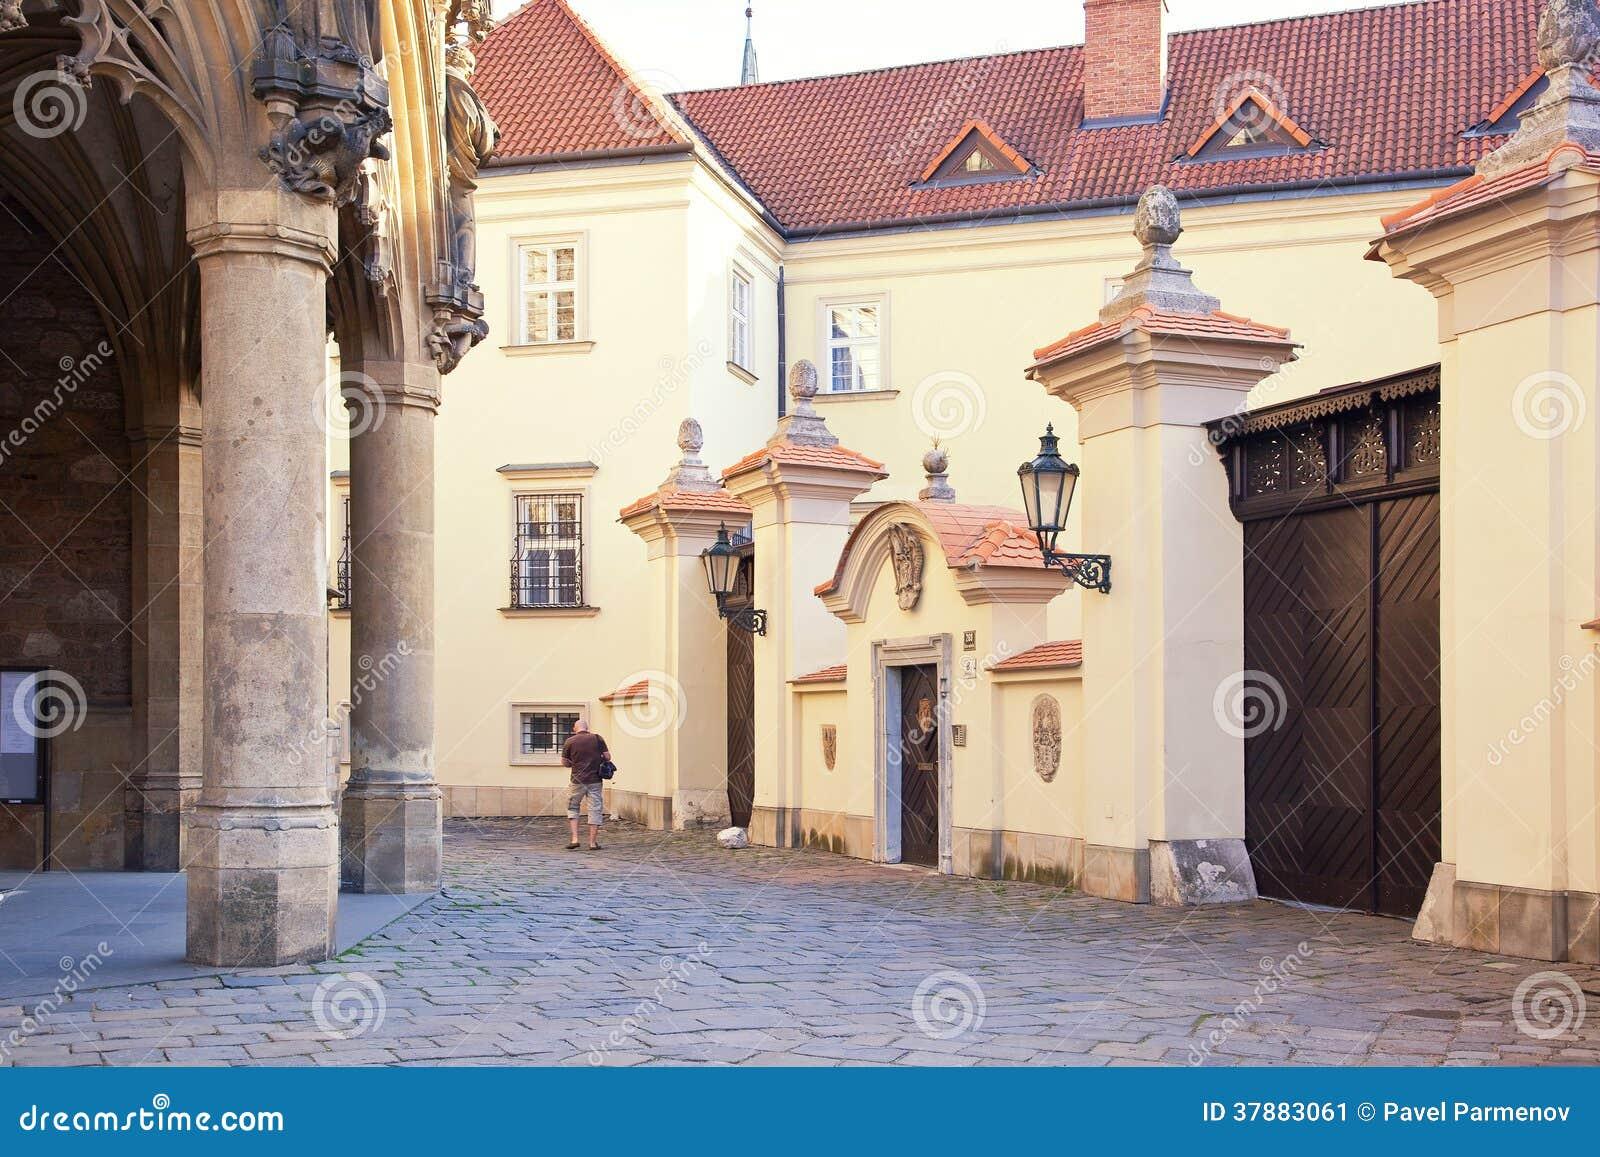 Brno, cityscape